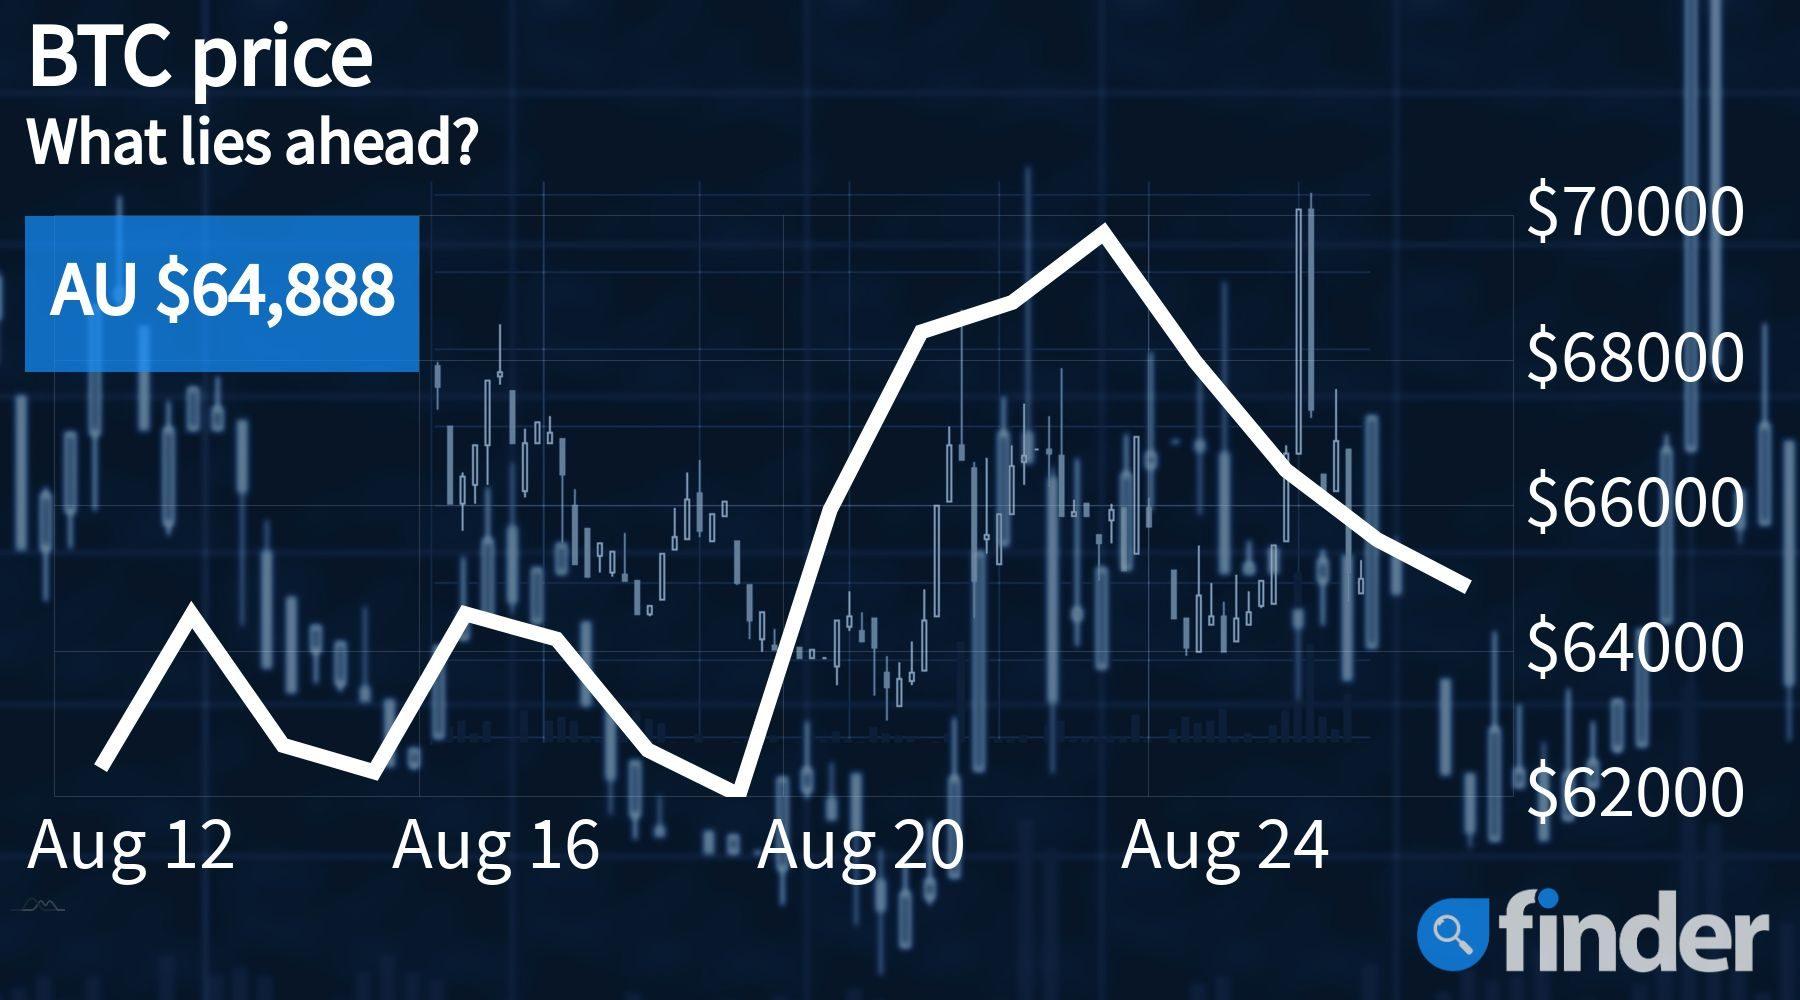 Expert analysis: Bitcoin price set to drop to AU $60,000 - finder.com.au